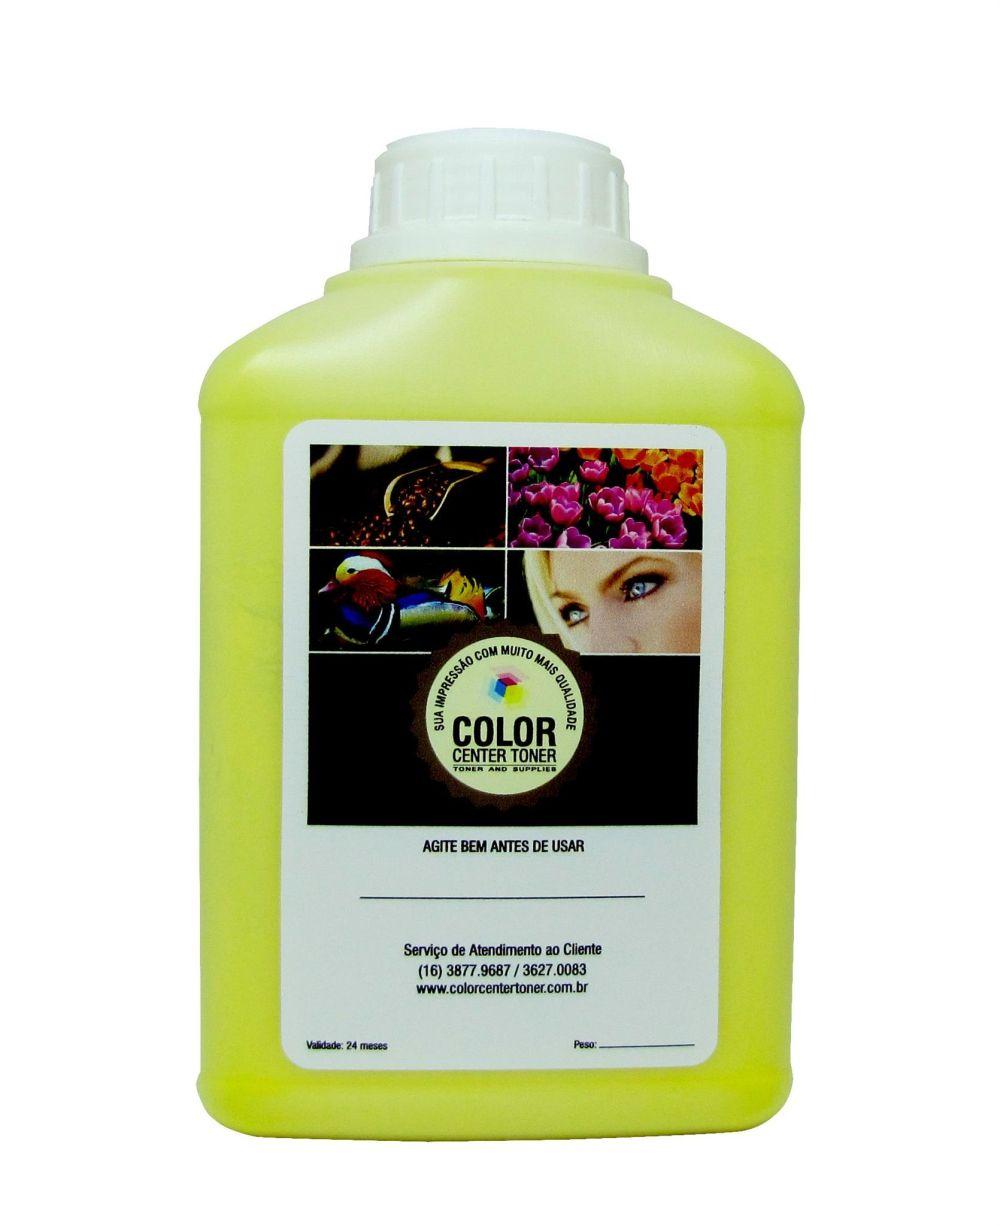 Refil de Toner Bizhub C350/C351/C450 Amarelo